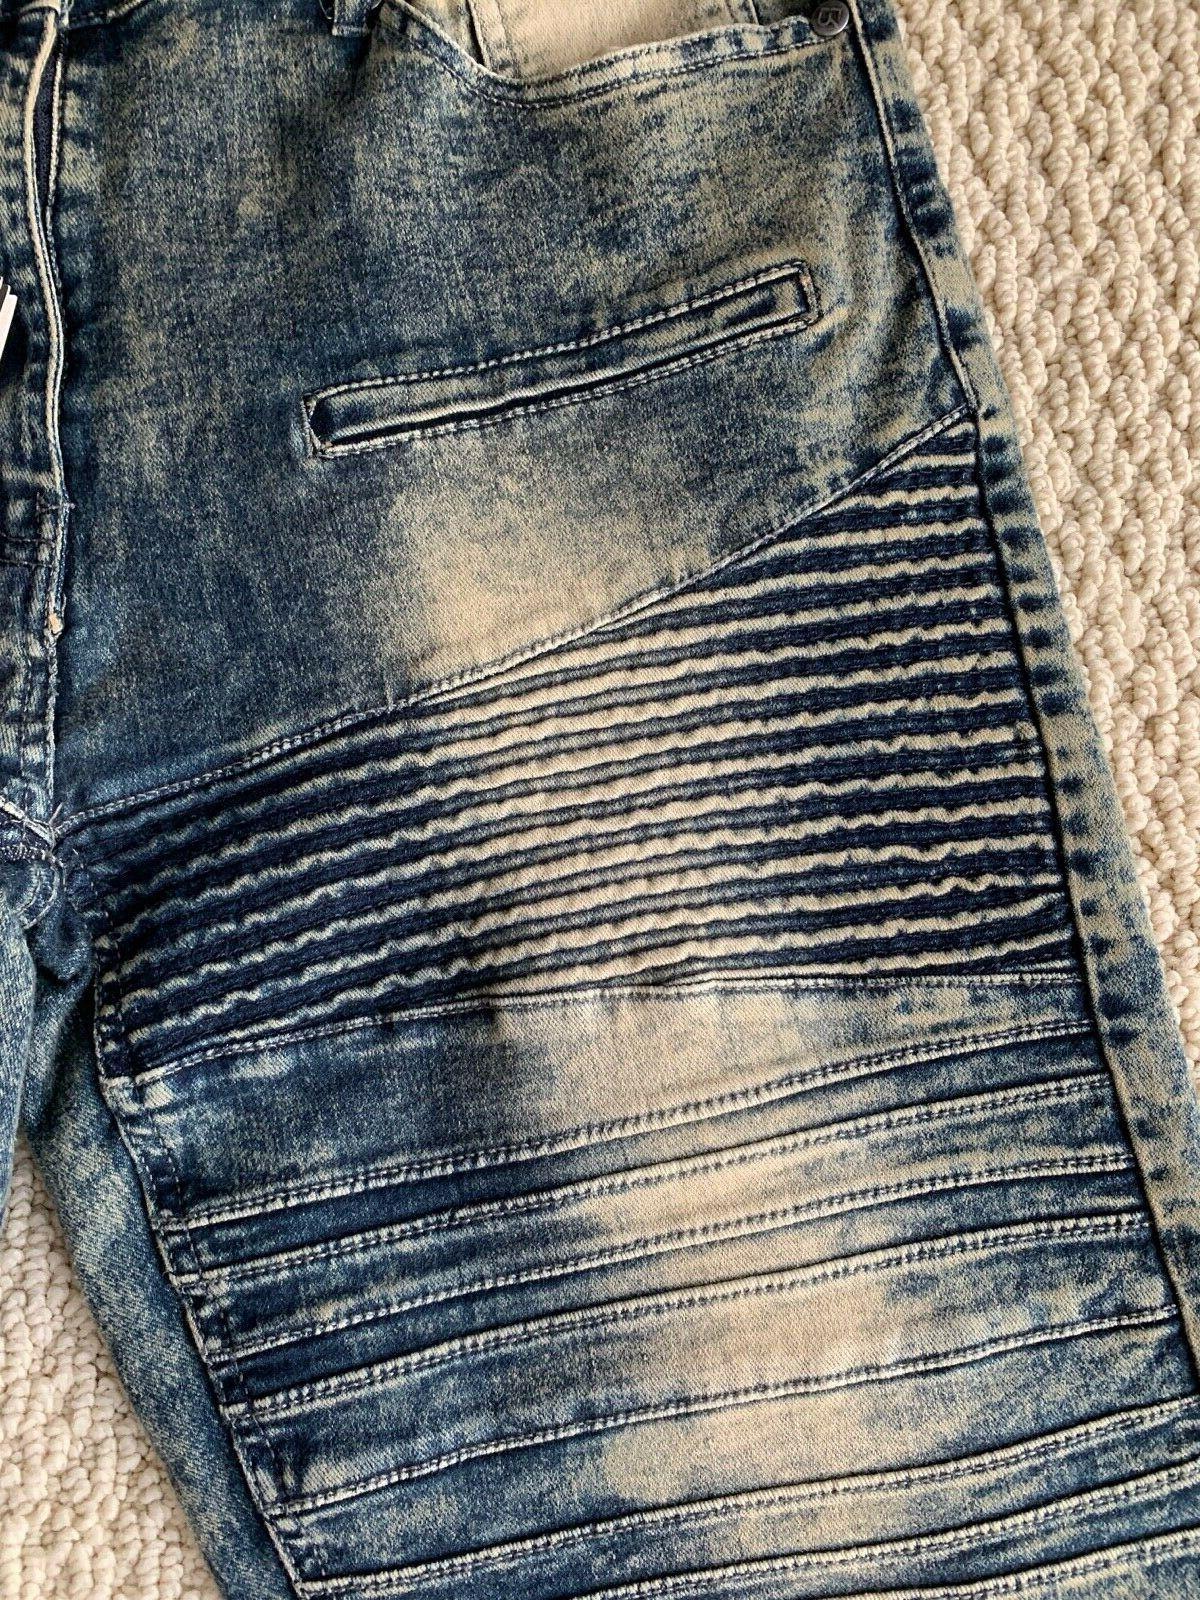 NWT Men's MHS80 Blue Acid Washed Denim Shorts 32-36